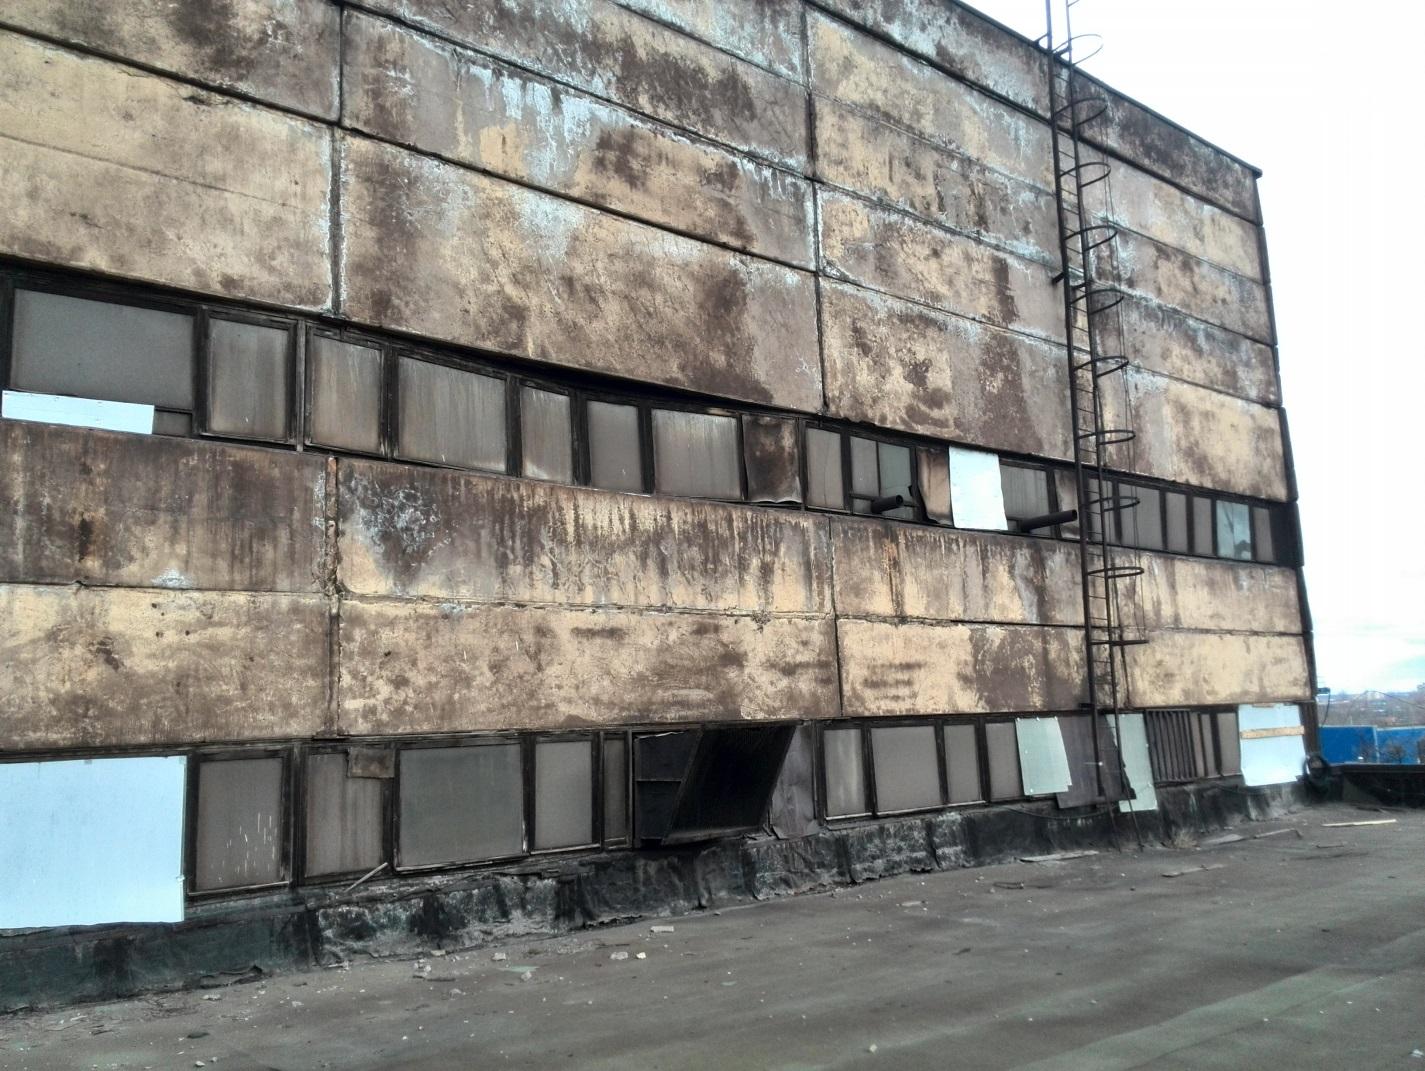 несущие стены - ИСК 2